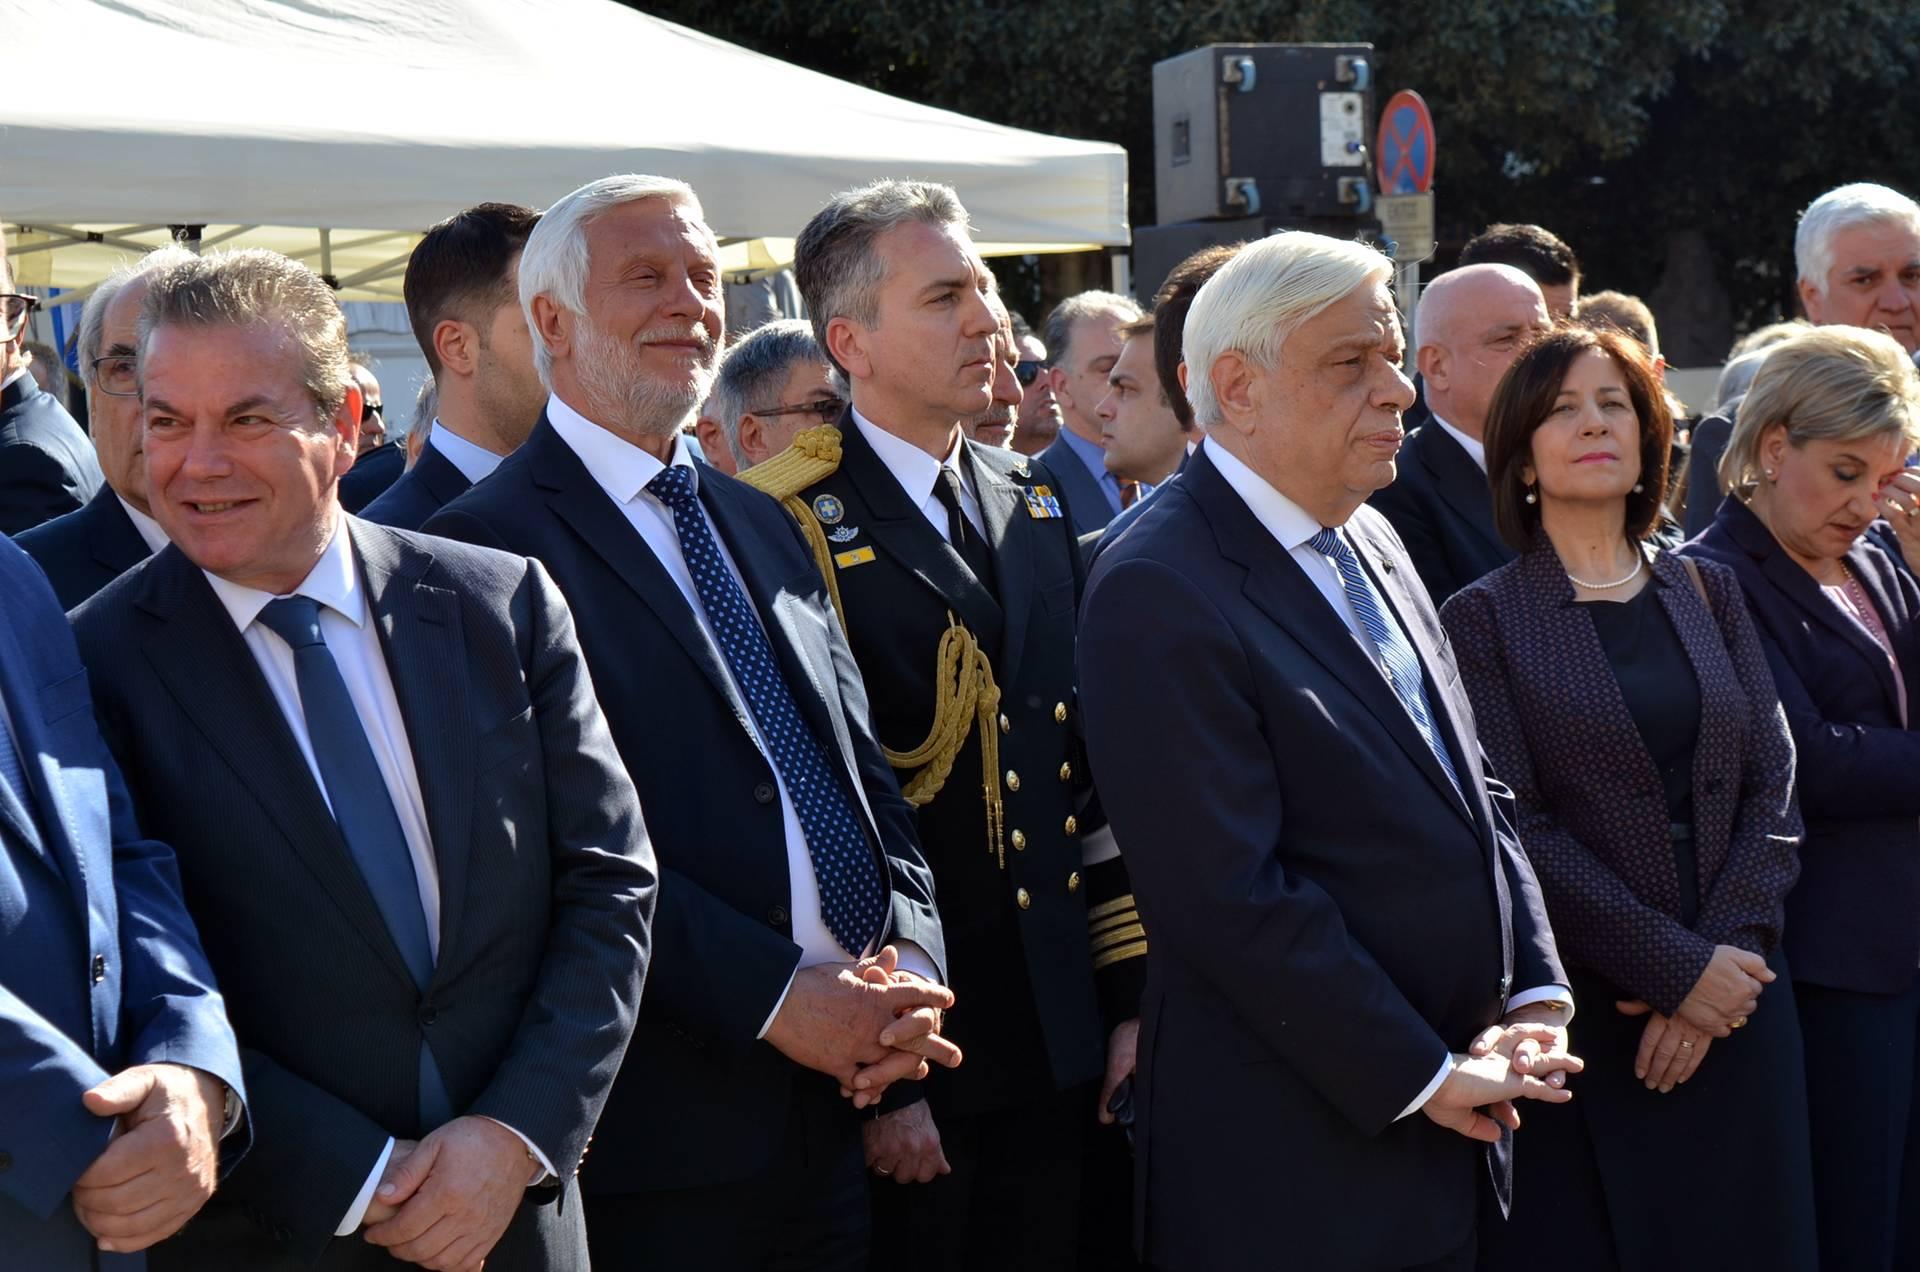 Μήνυμα του Προέδρου της Δημοκρατίας για την Εθνική Εορτή της 25ης Μαρτίου